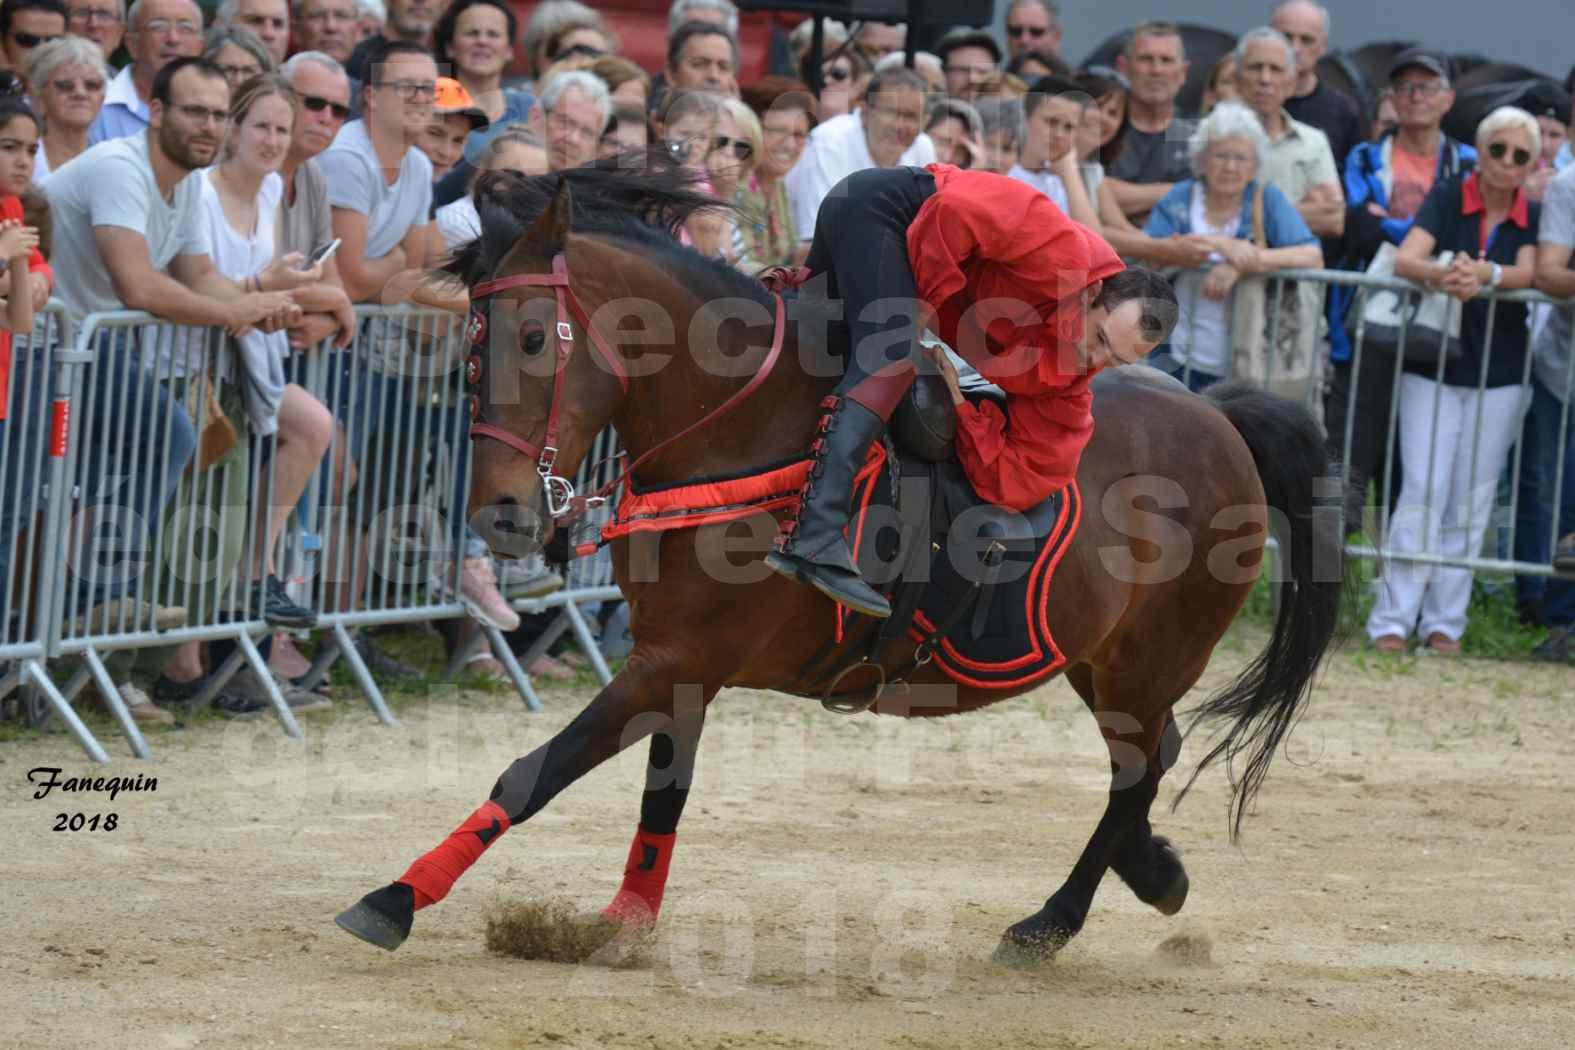 Spectacle Équestre le 3 juin 2018 à Saint Gély du Fesc - Voltige équestre - Troupe de Jean Antoine FIRMIN - 39